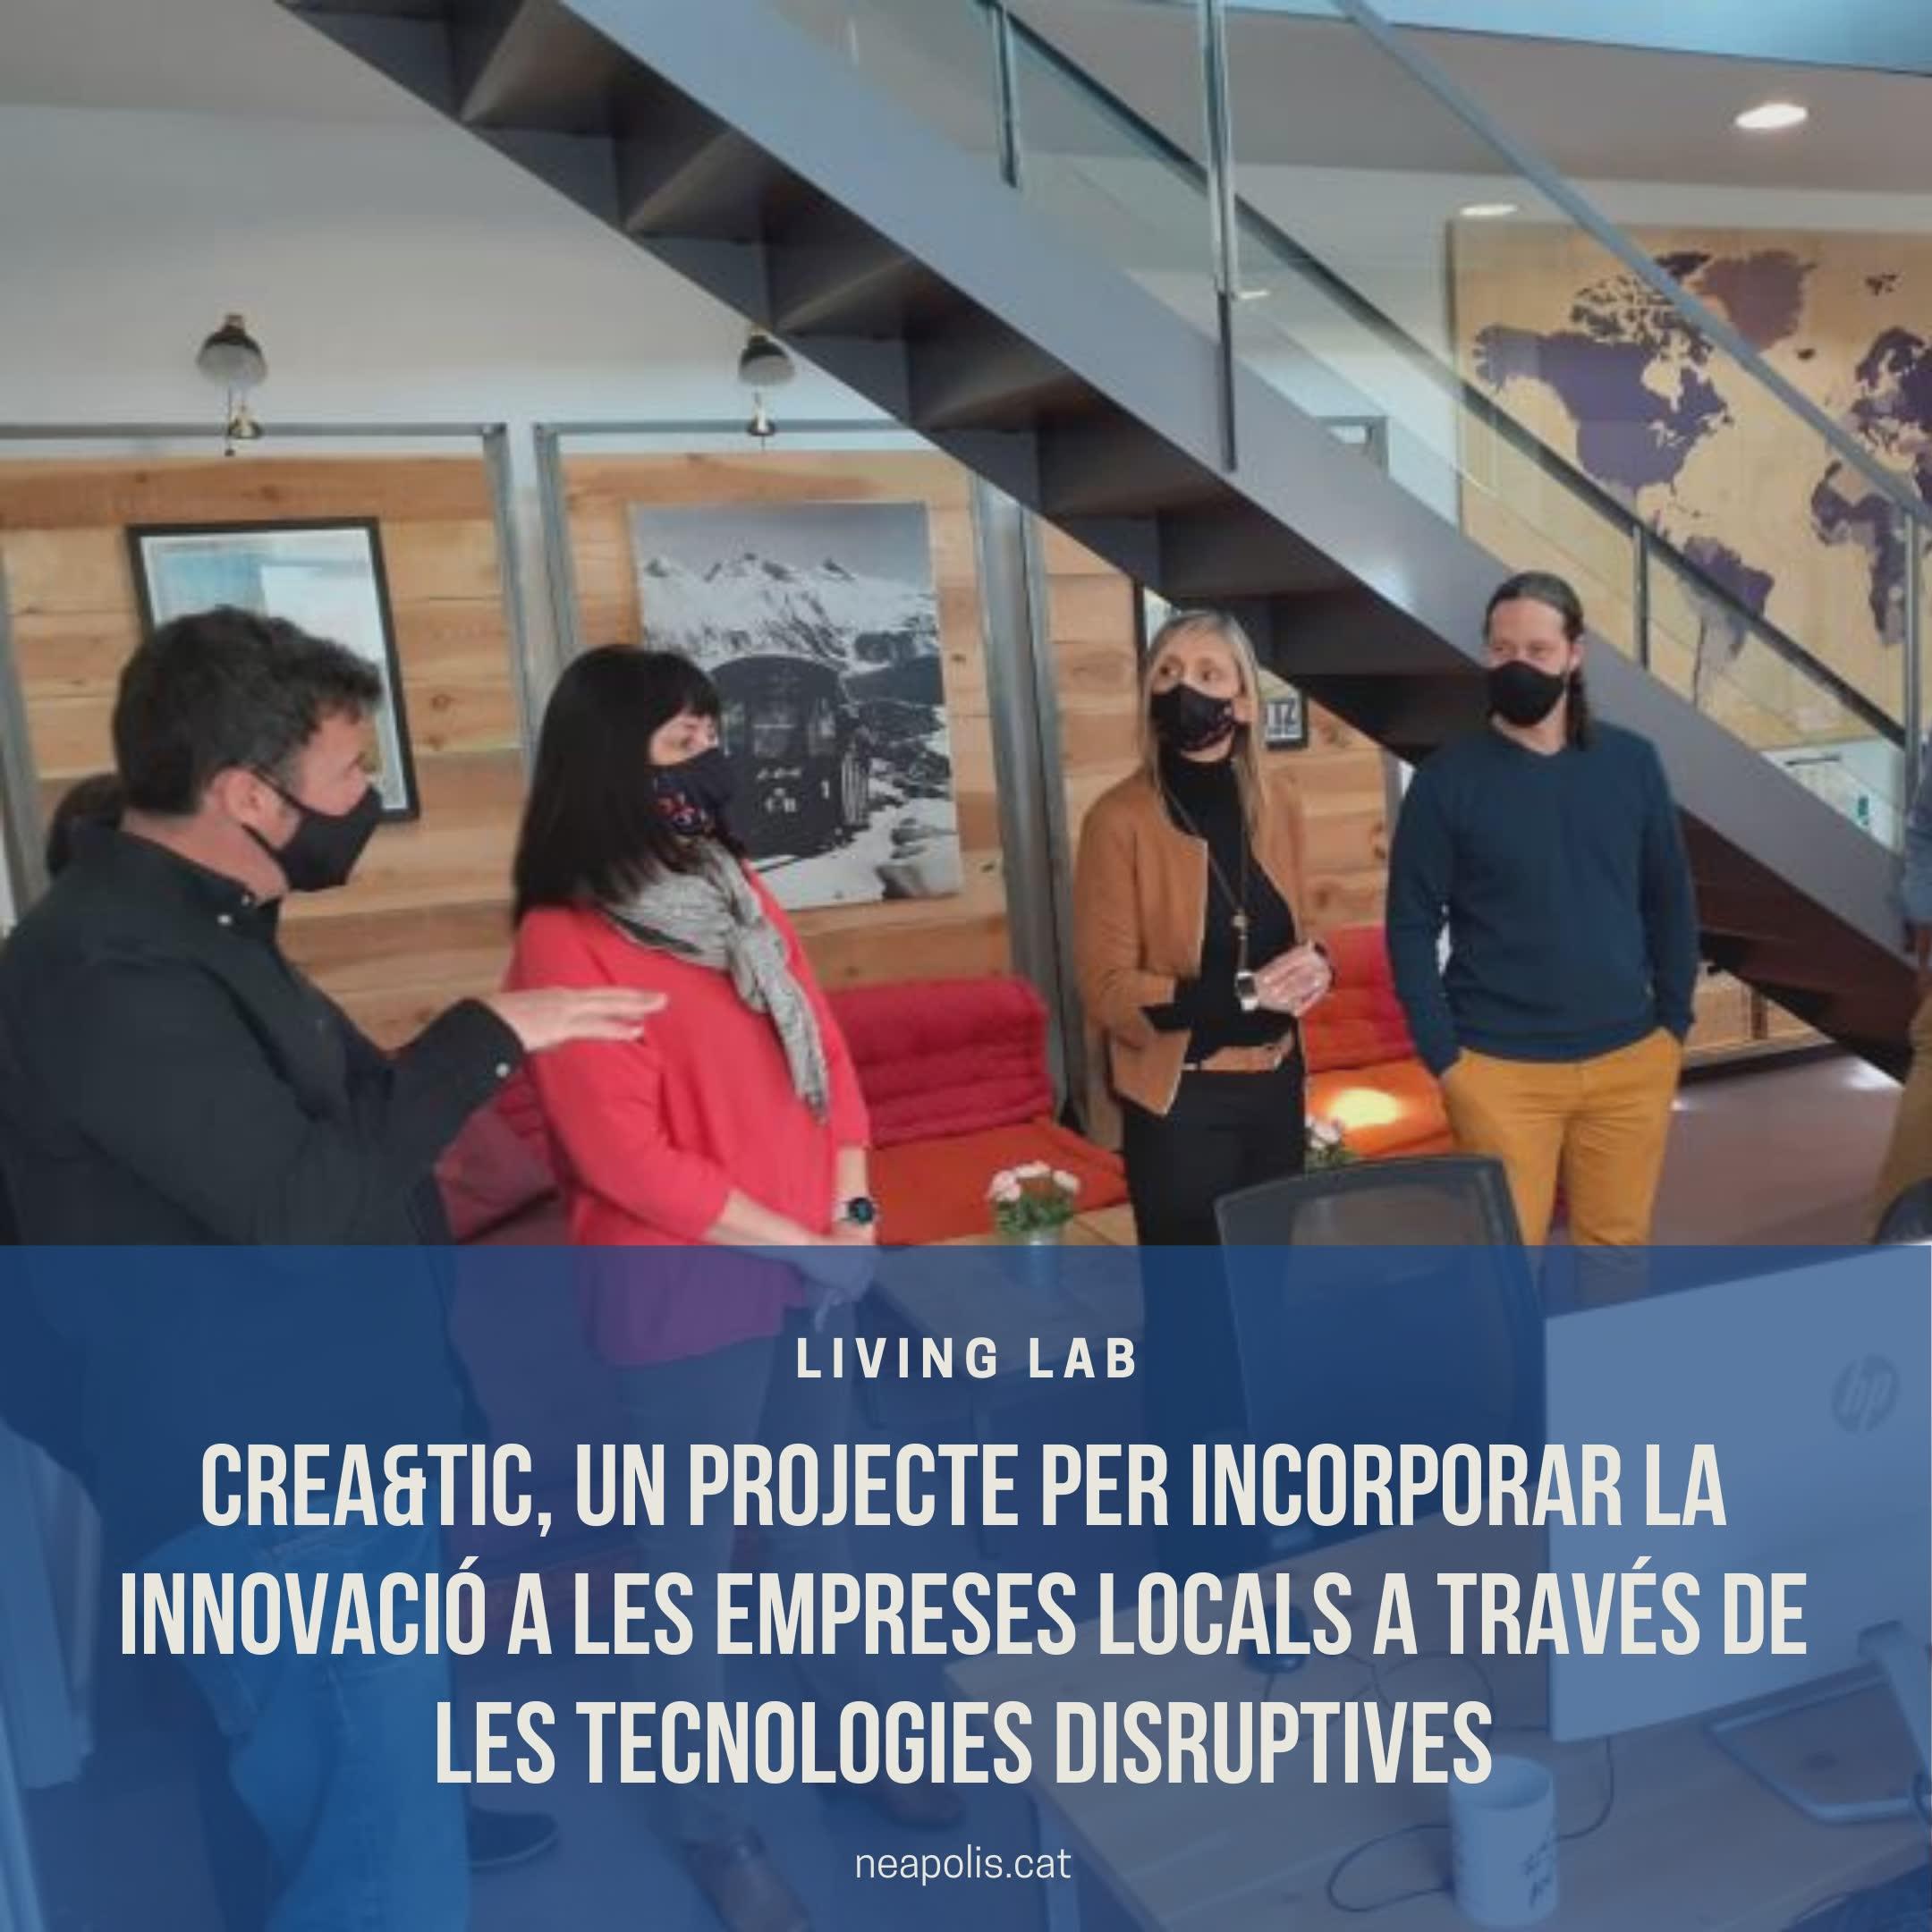 Crea&TIC, un projecte per incorporar la innovació a les empreses locals a través de les tecnologies disruptives